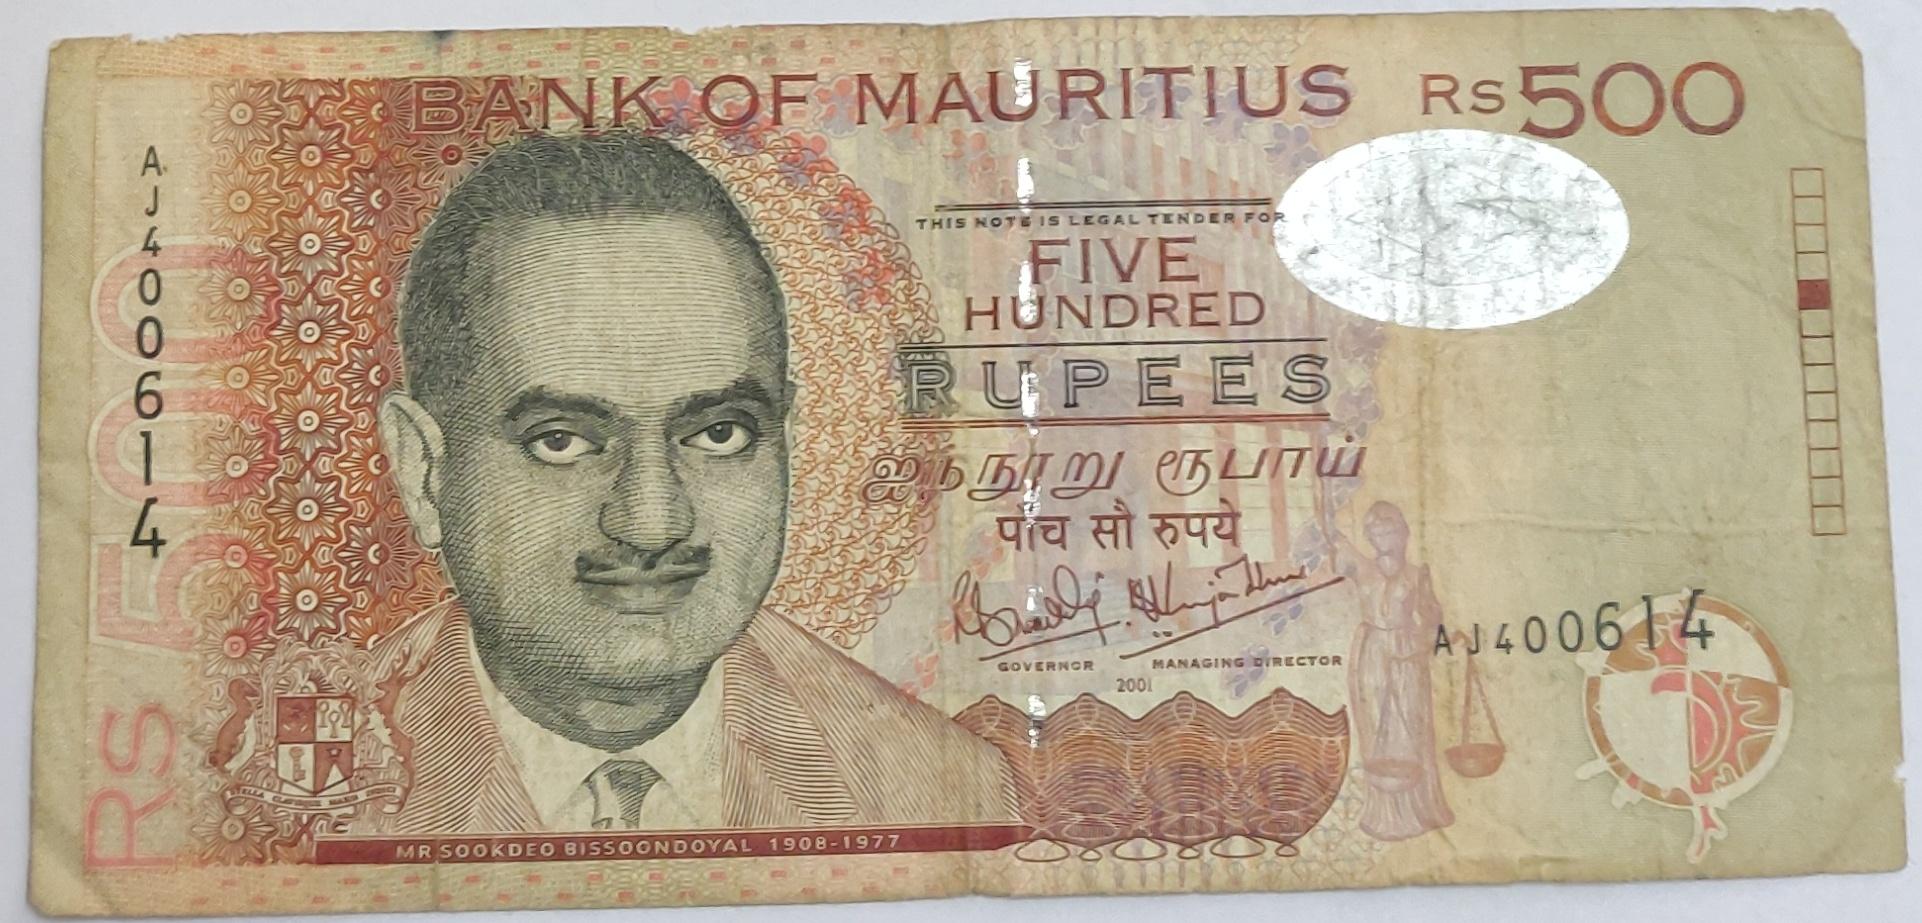 500 Rupees - Mauritius – Numista